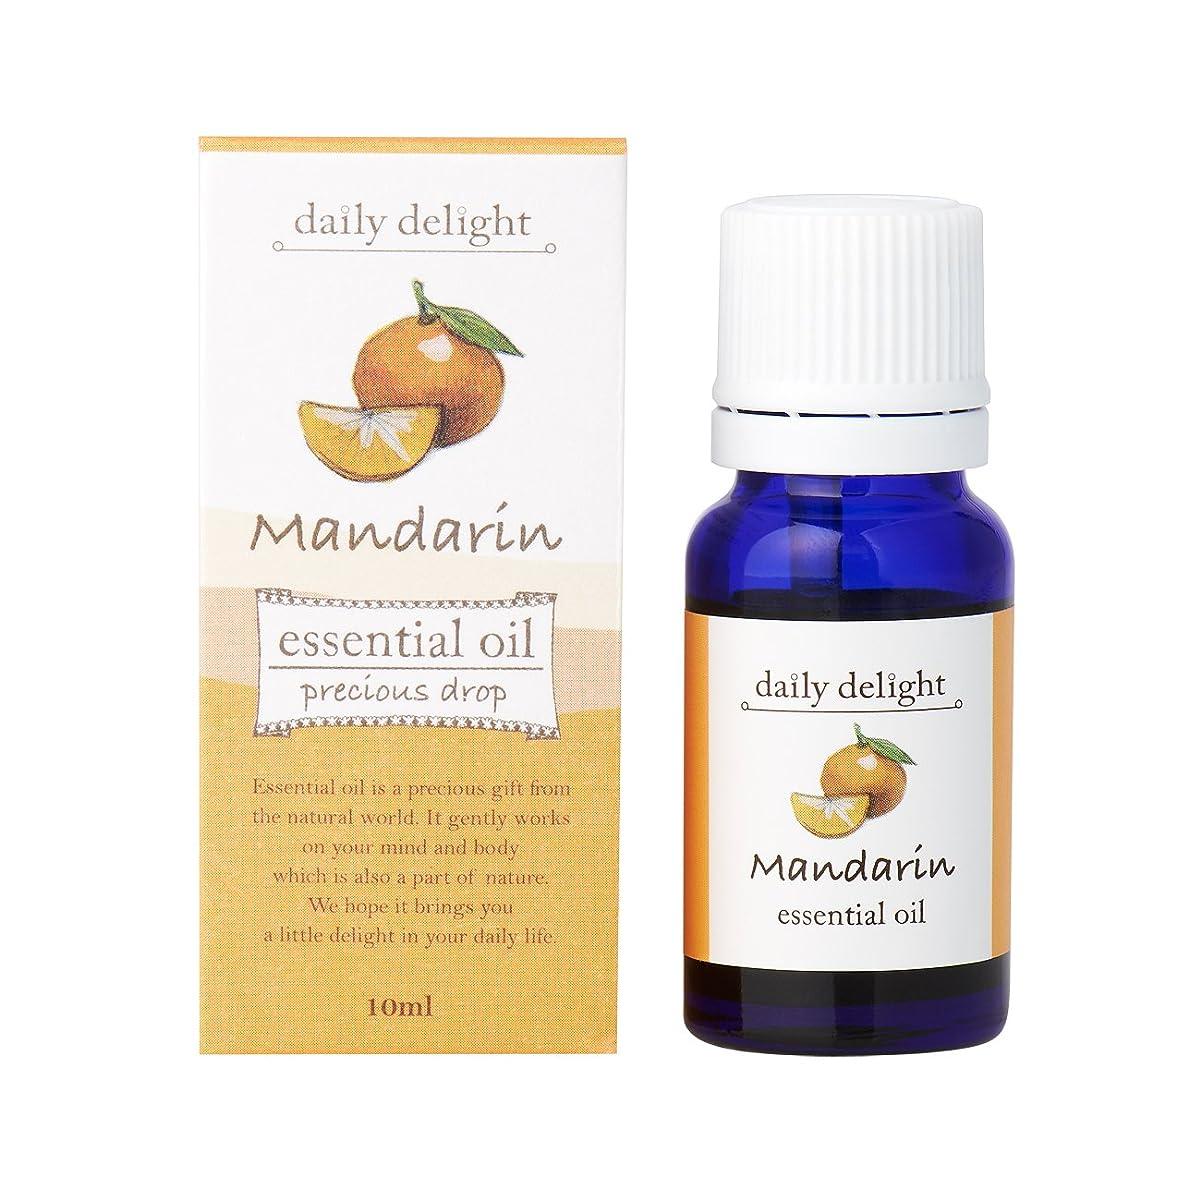 ずっとオデュッセウスリーズデイリーディライト エッセンシャルオイル  マンダリン 10ml(天然100% 精油 アロマ 柑橘系 オレンジに似ているがより穏やかで落ち着いた印象の香り)